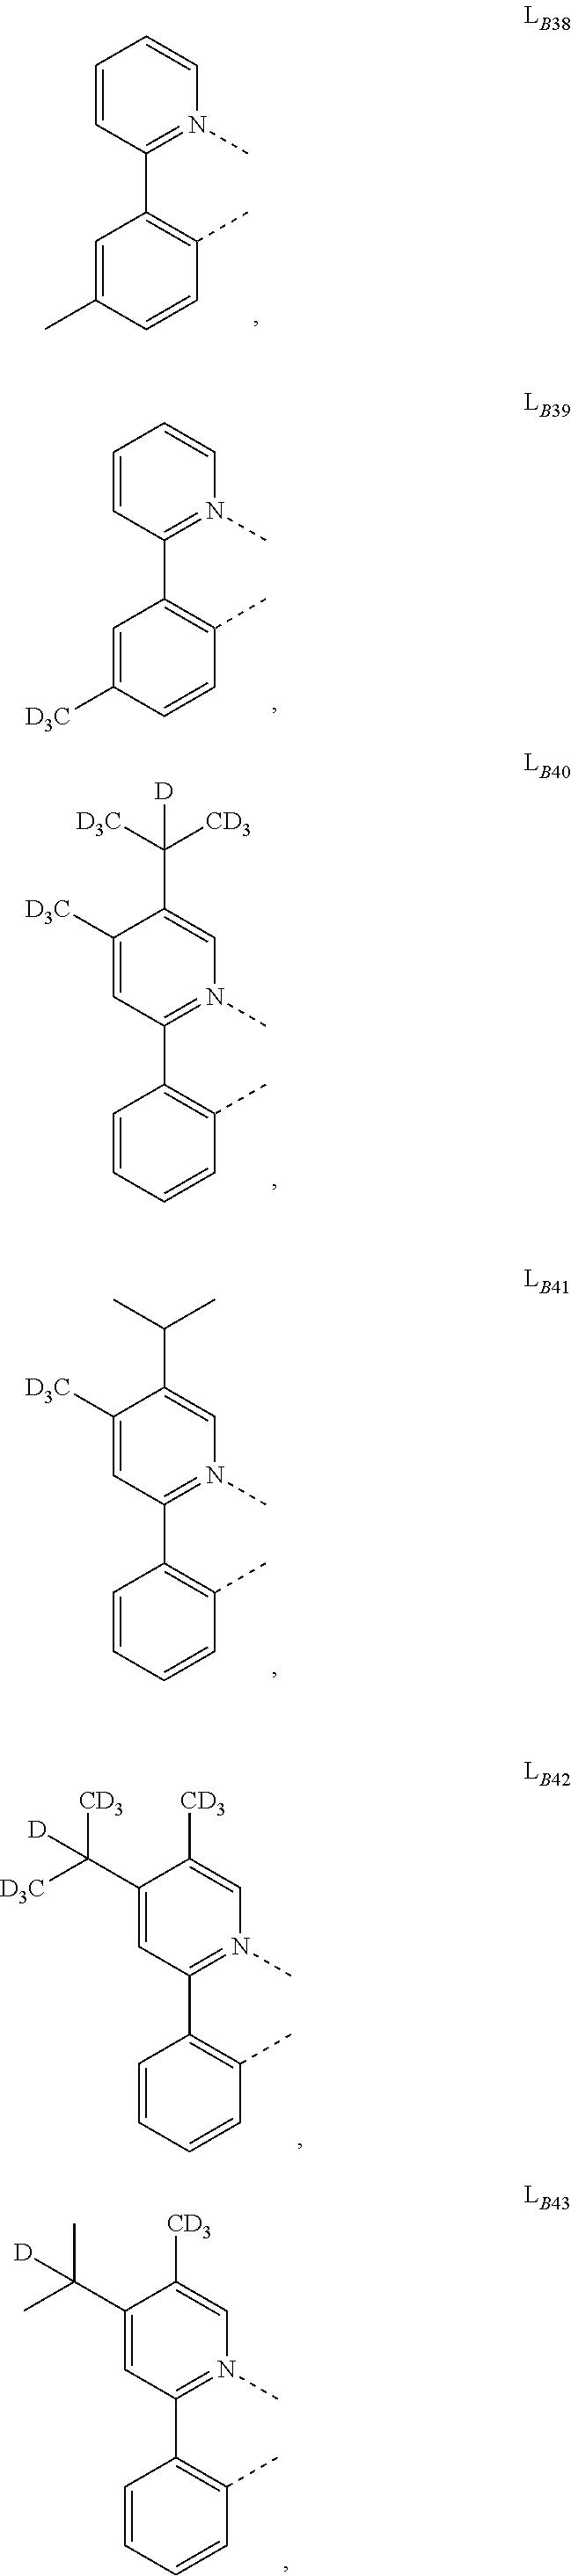 Figure US20160049599A1-20160218-C00121